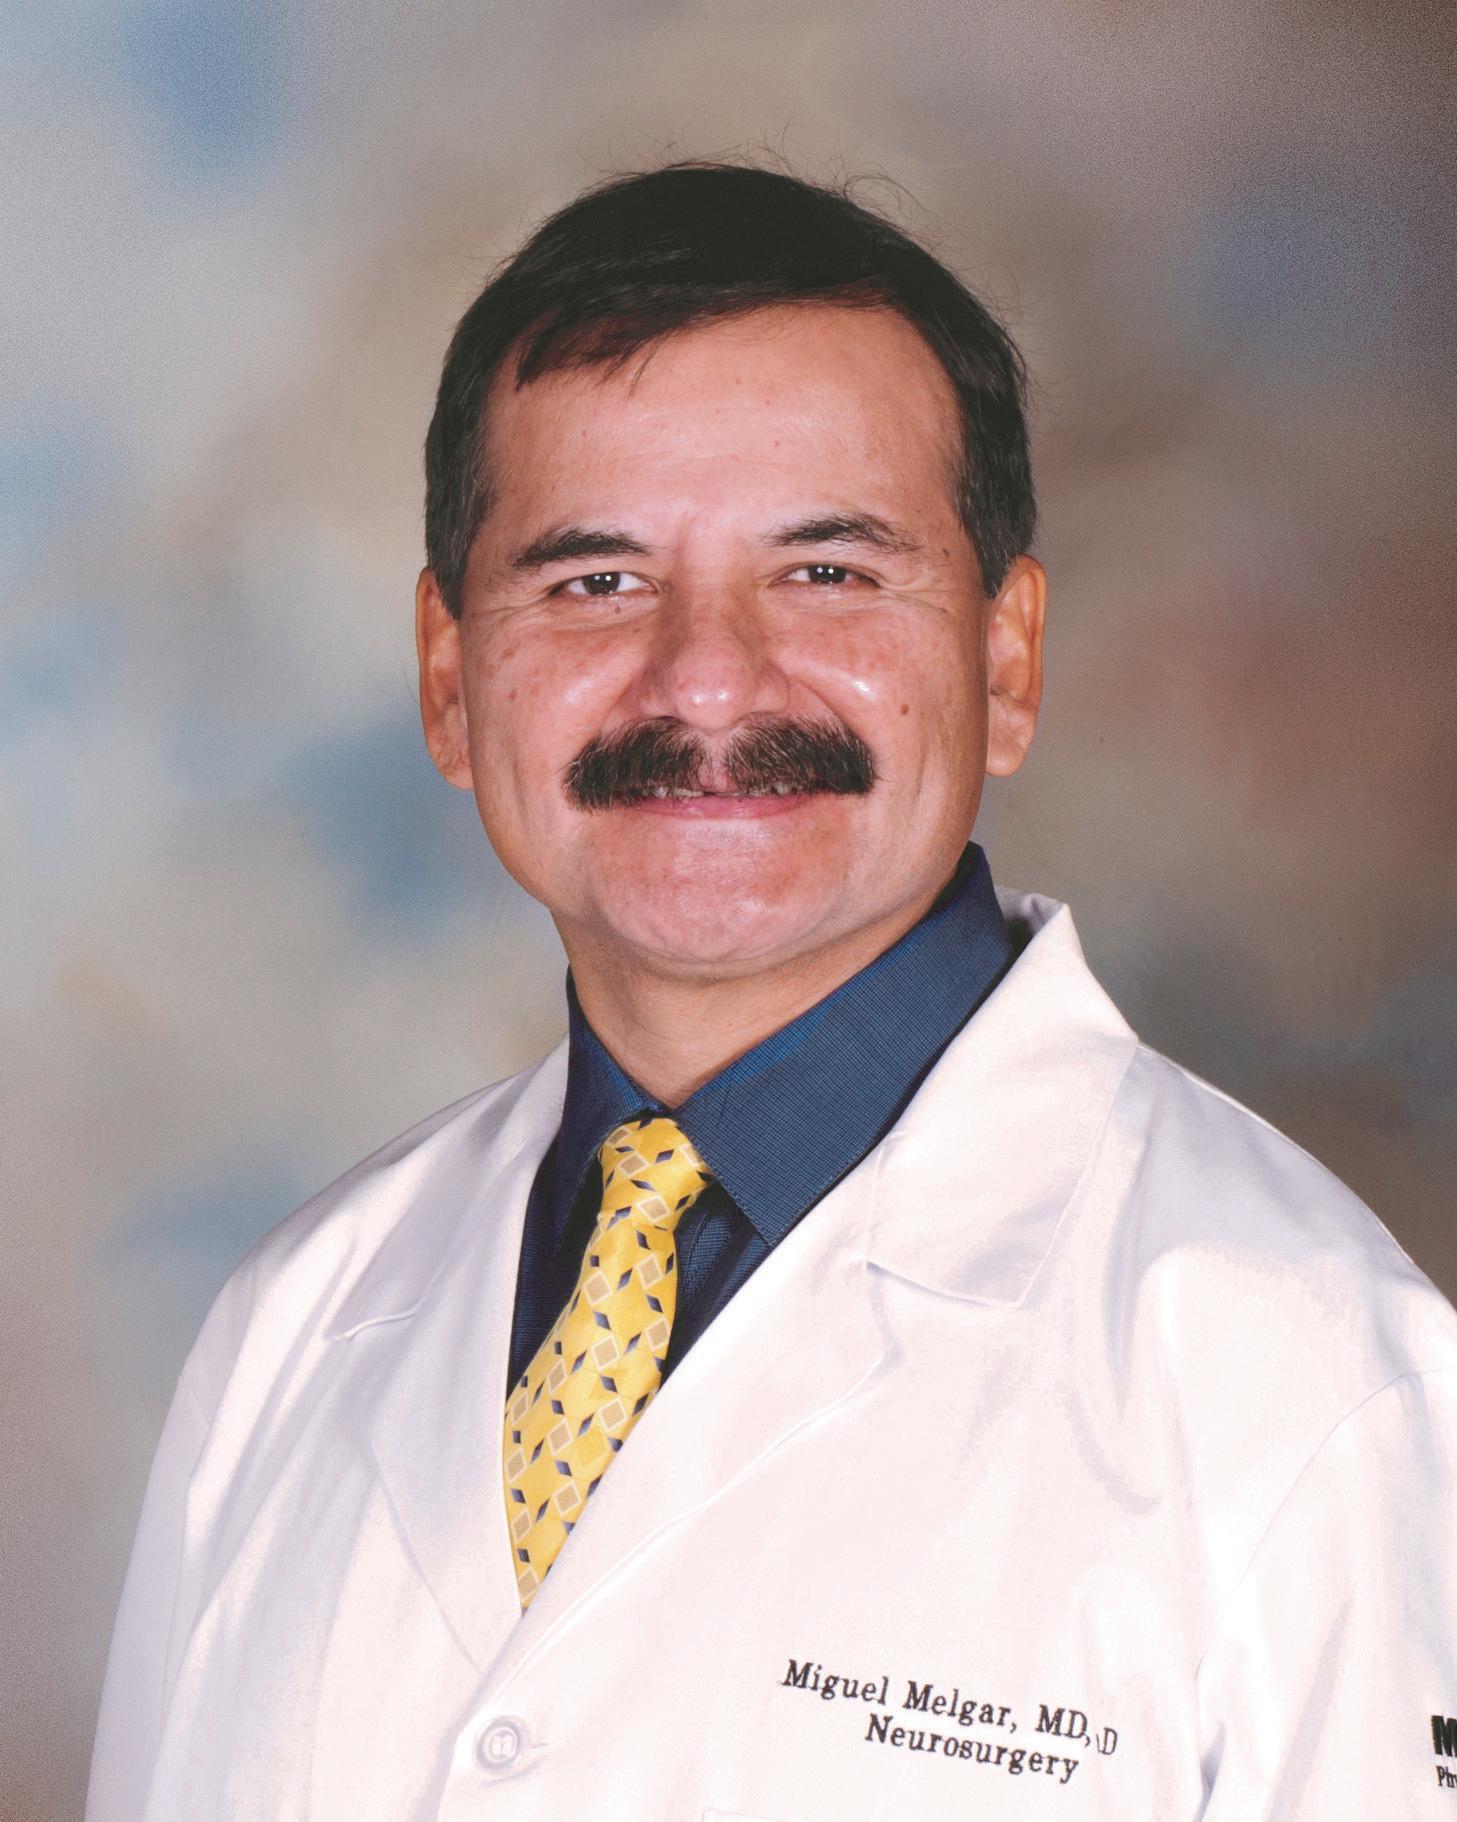 Miguel Melgar